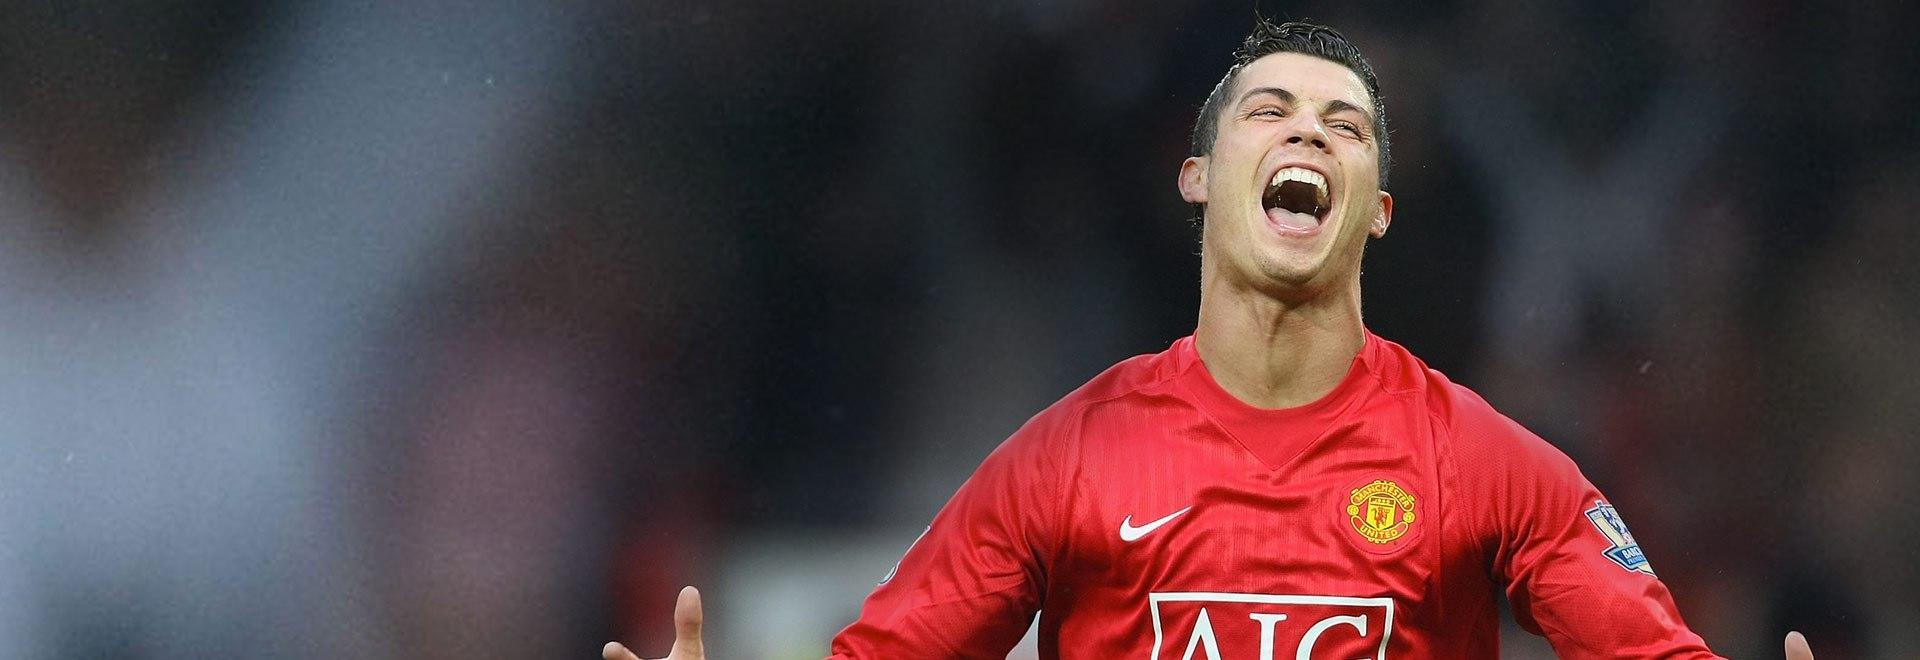 La mia stagione migliore: Cristiano Ronaldo